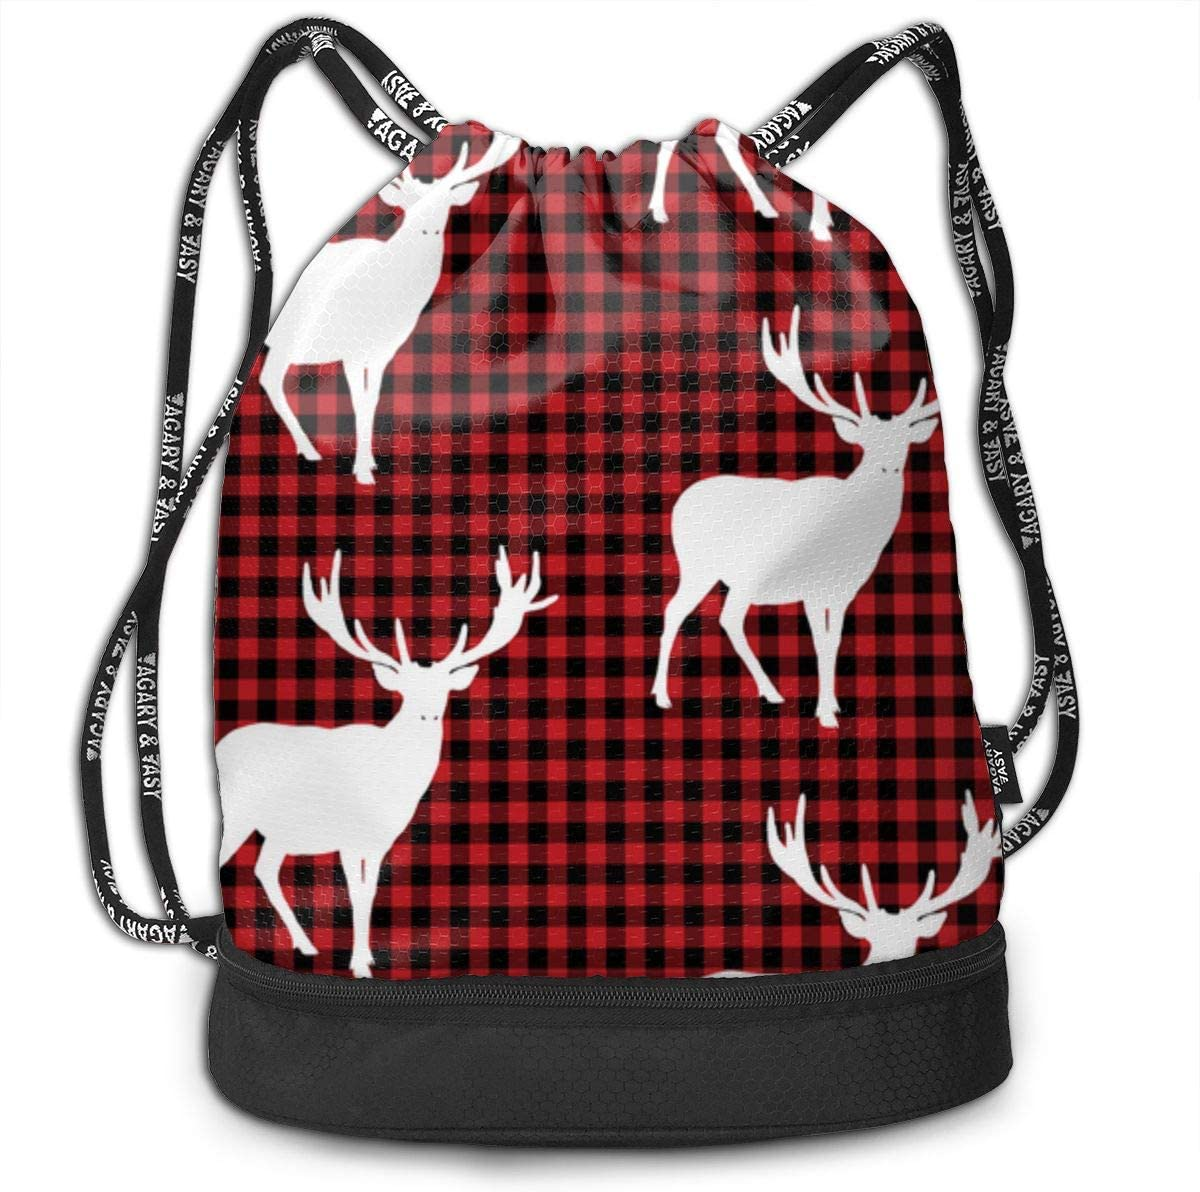 HUOPR5Q Dogs Drawstring Backpack Sport Gym Sack Shoulder Bulk Bag Dance Bag for School Travel